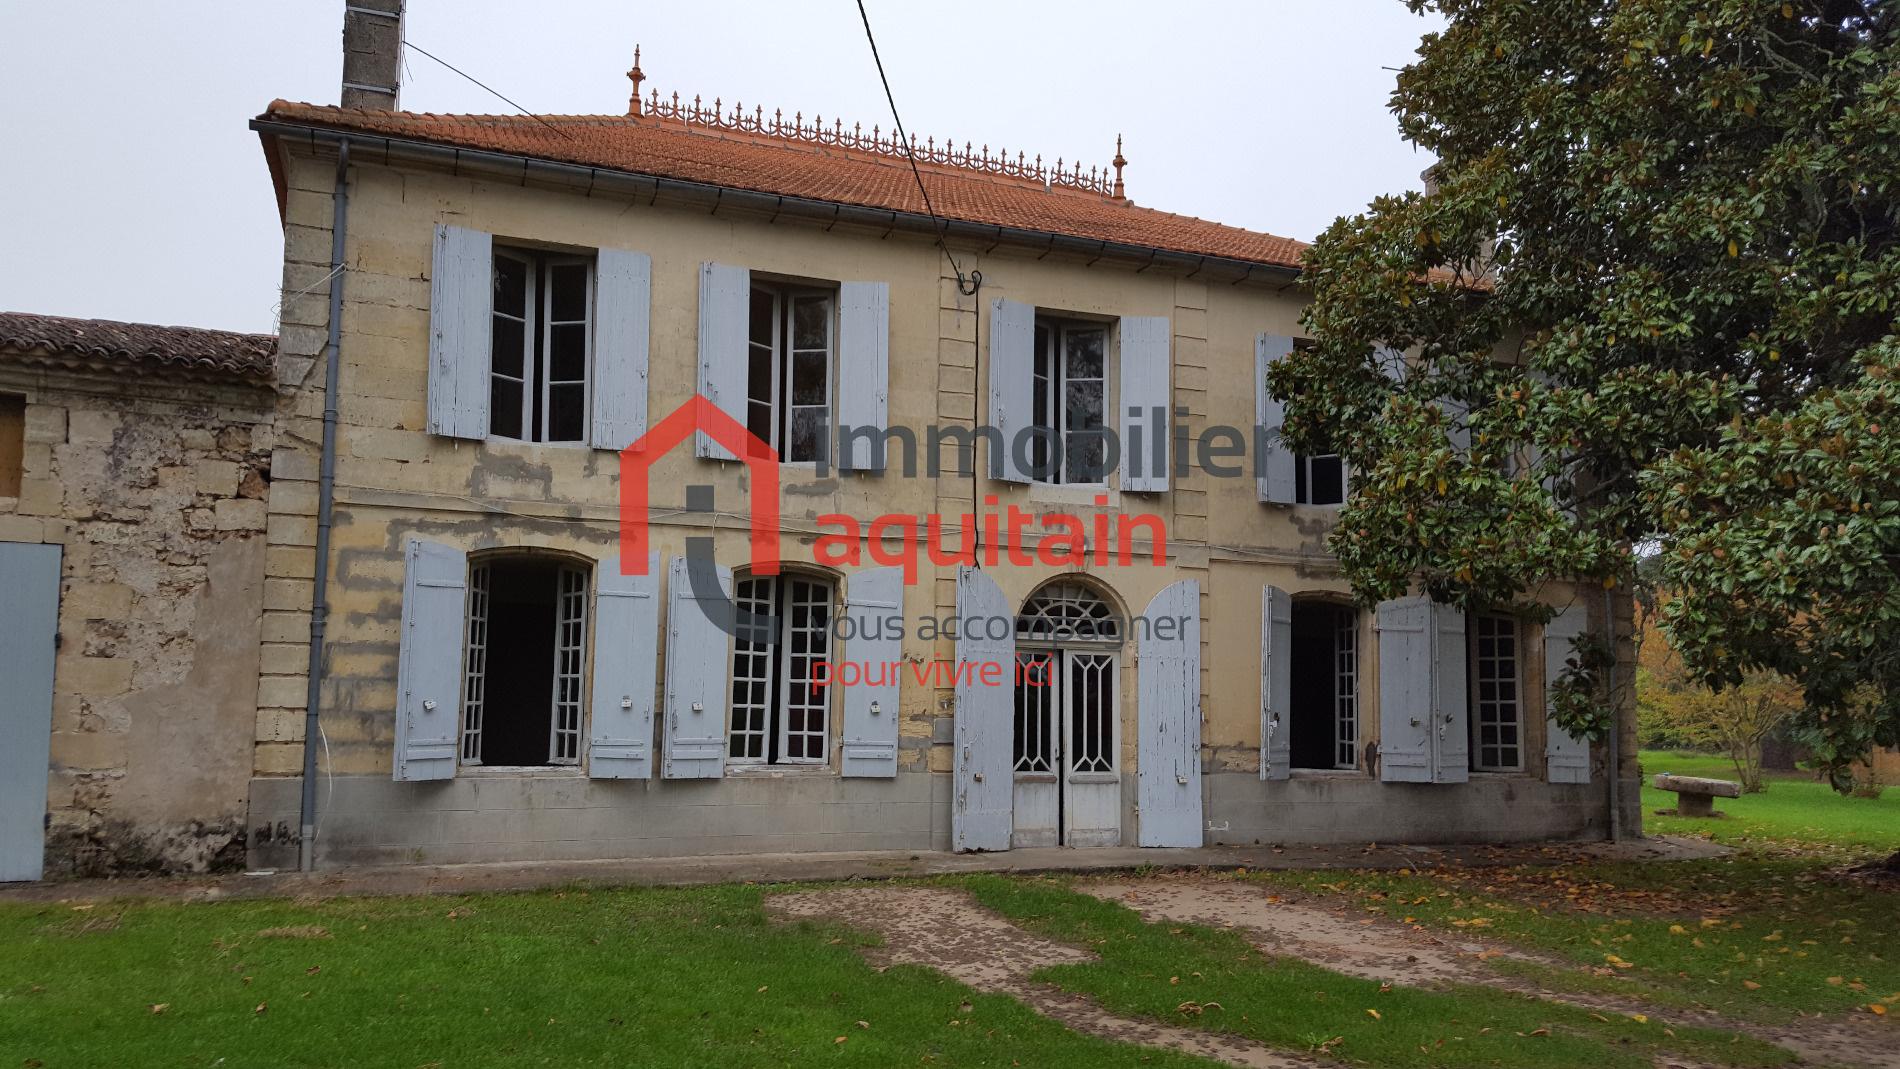 Annonce location maison mouliets et villemartin 33350 for Annonce location maison